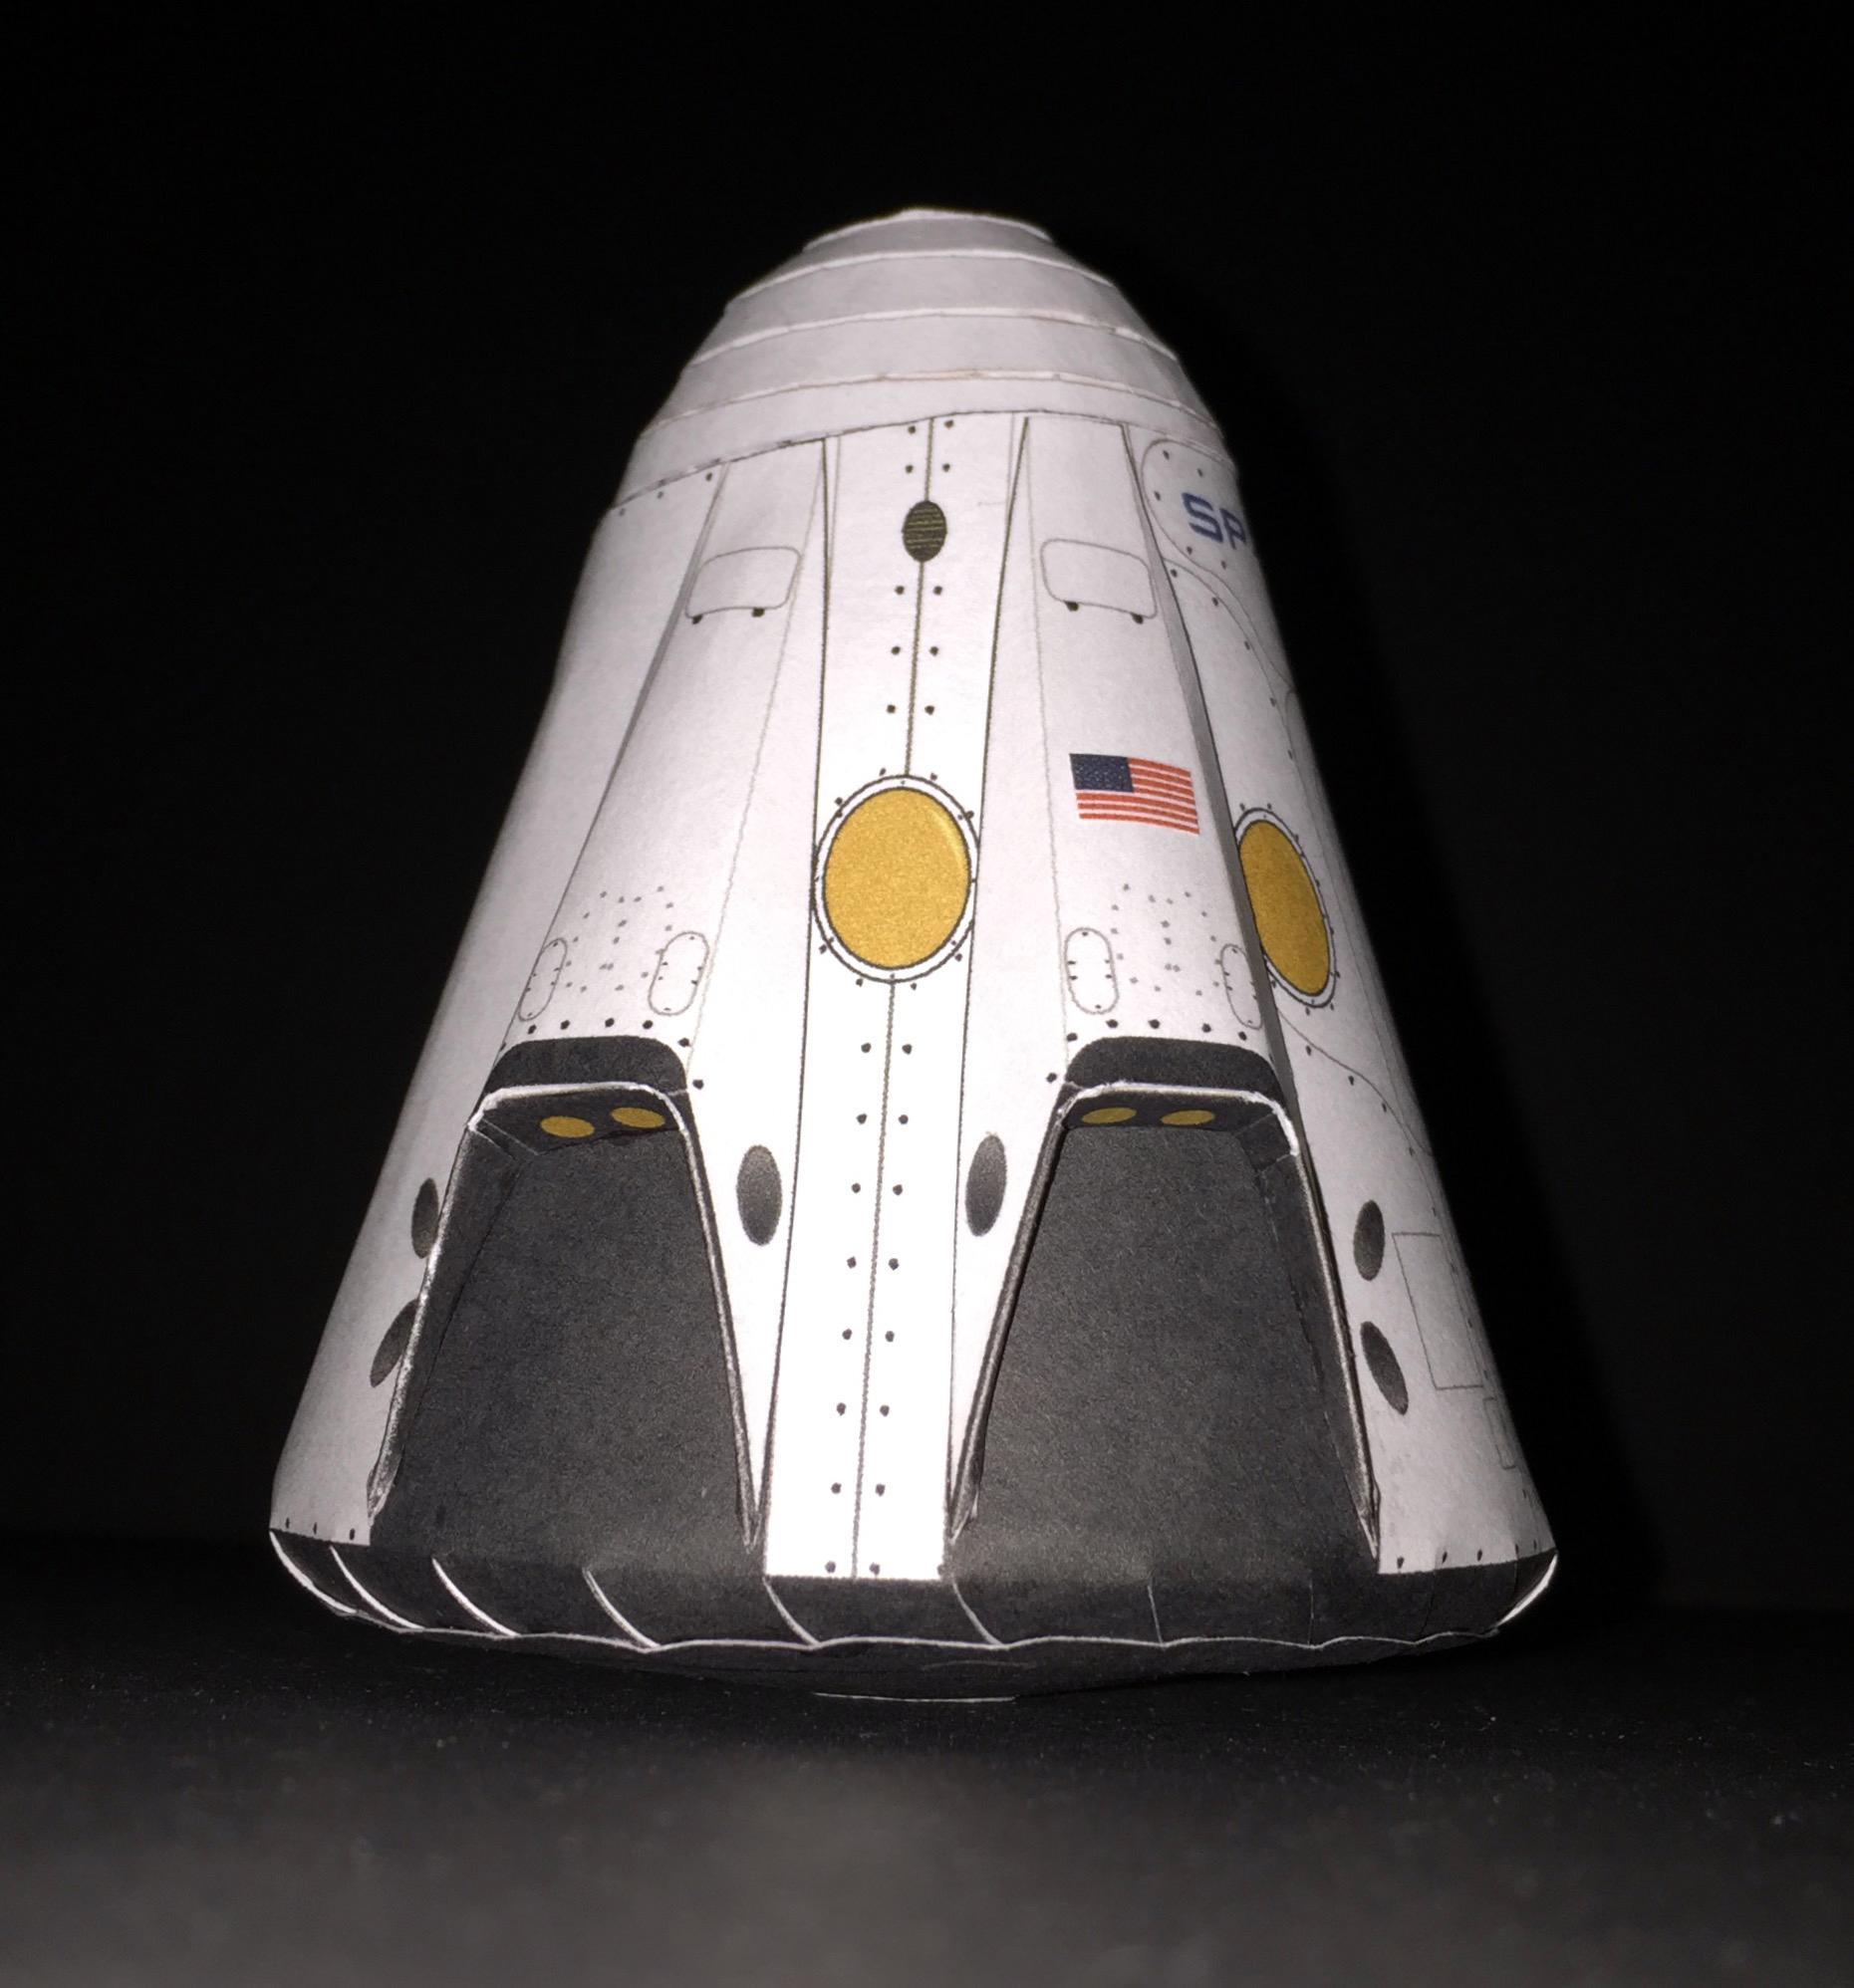 dragon spacecraft models - HD1861×1996